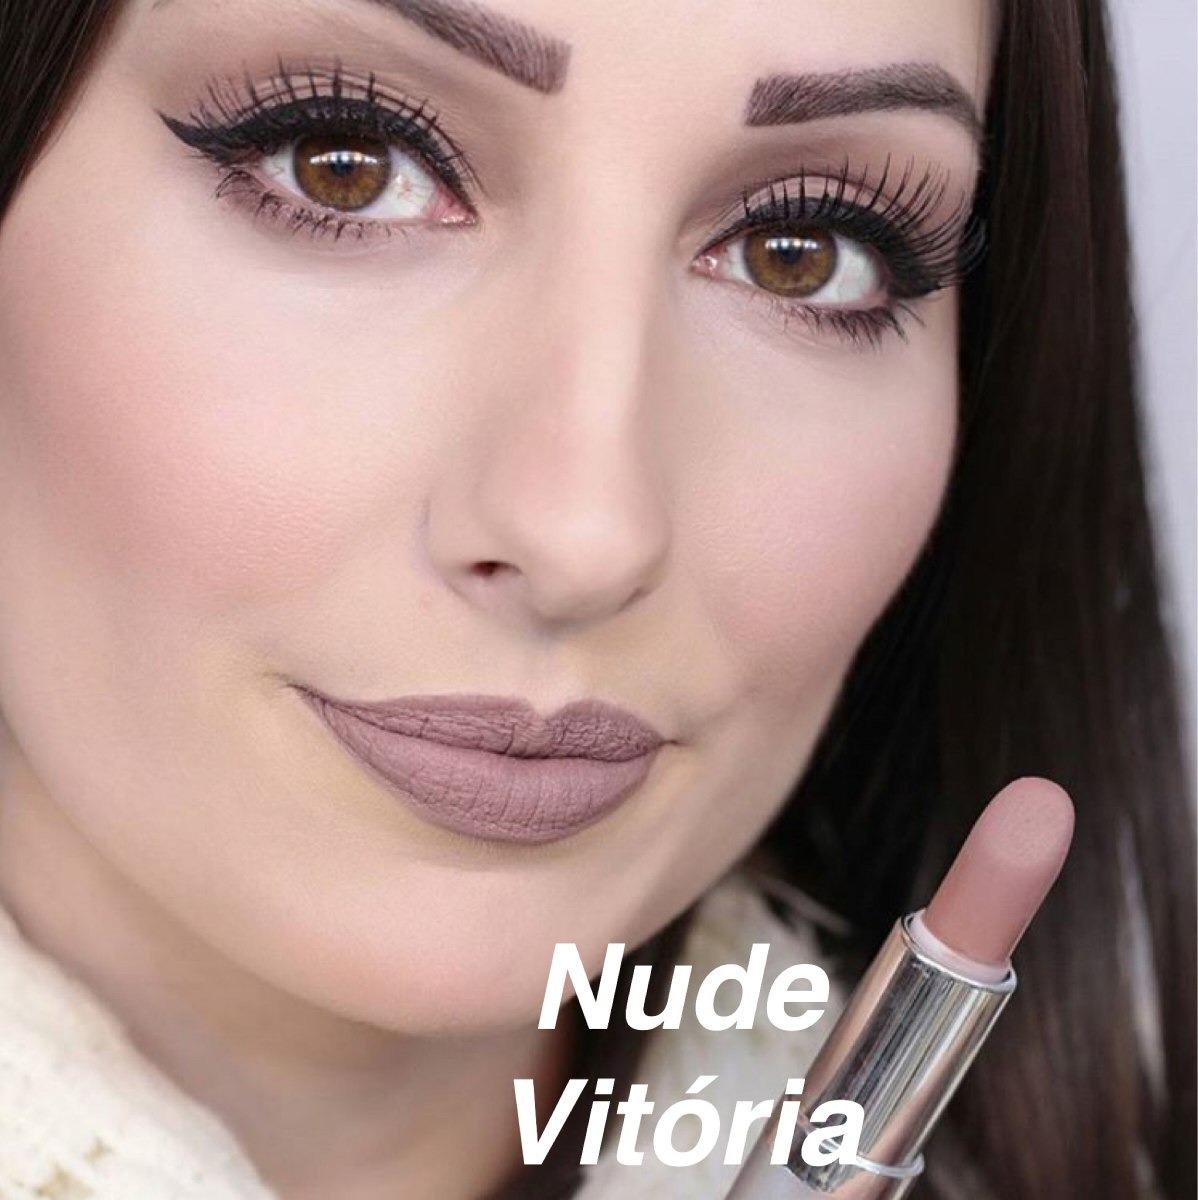 Super nude pics